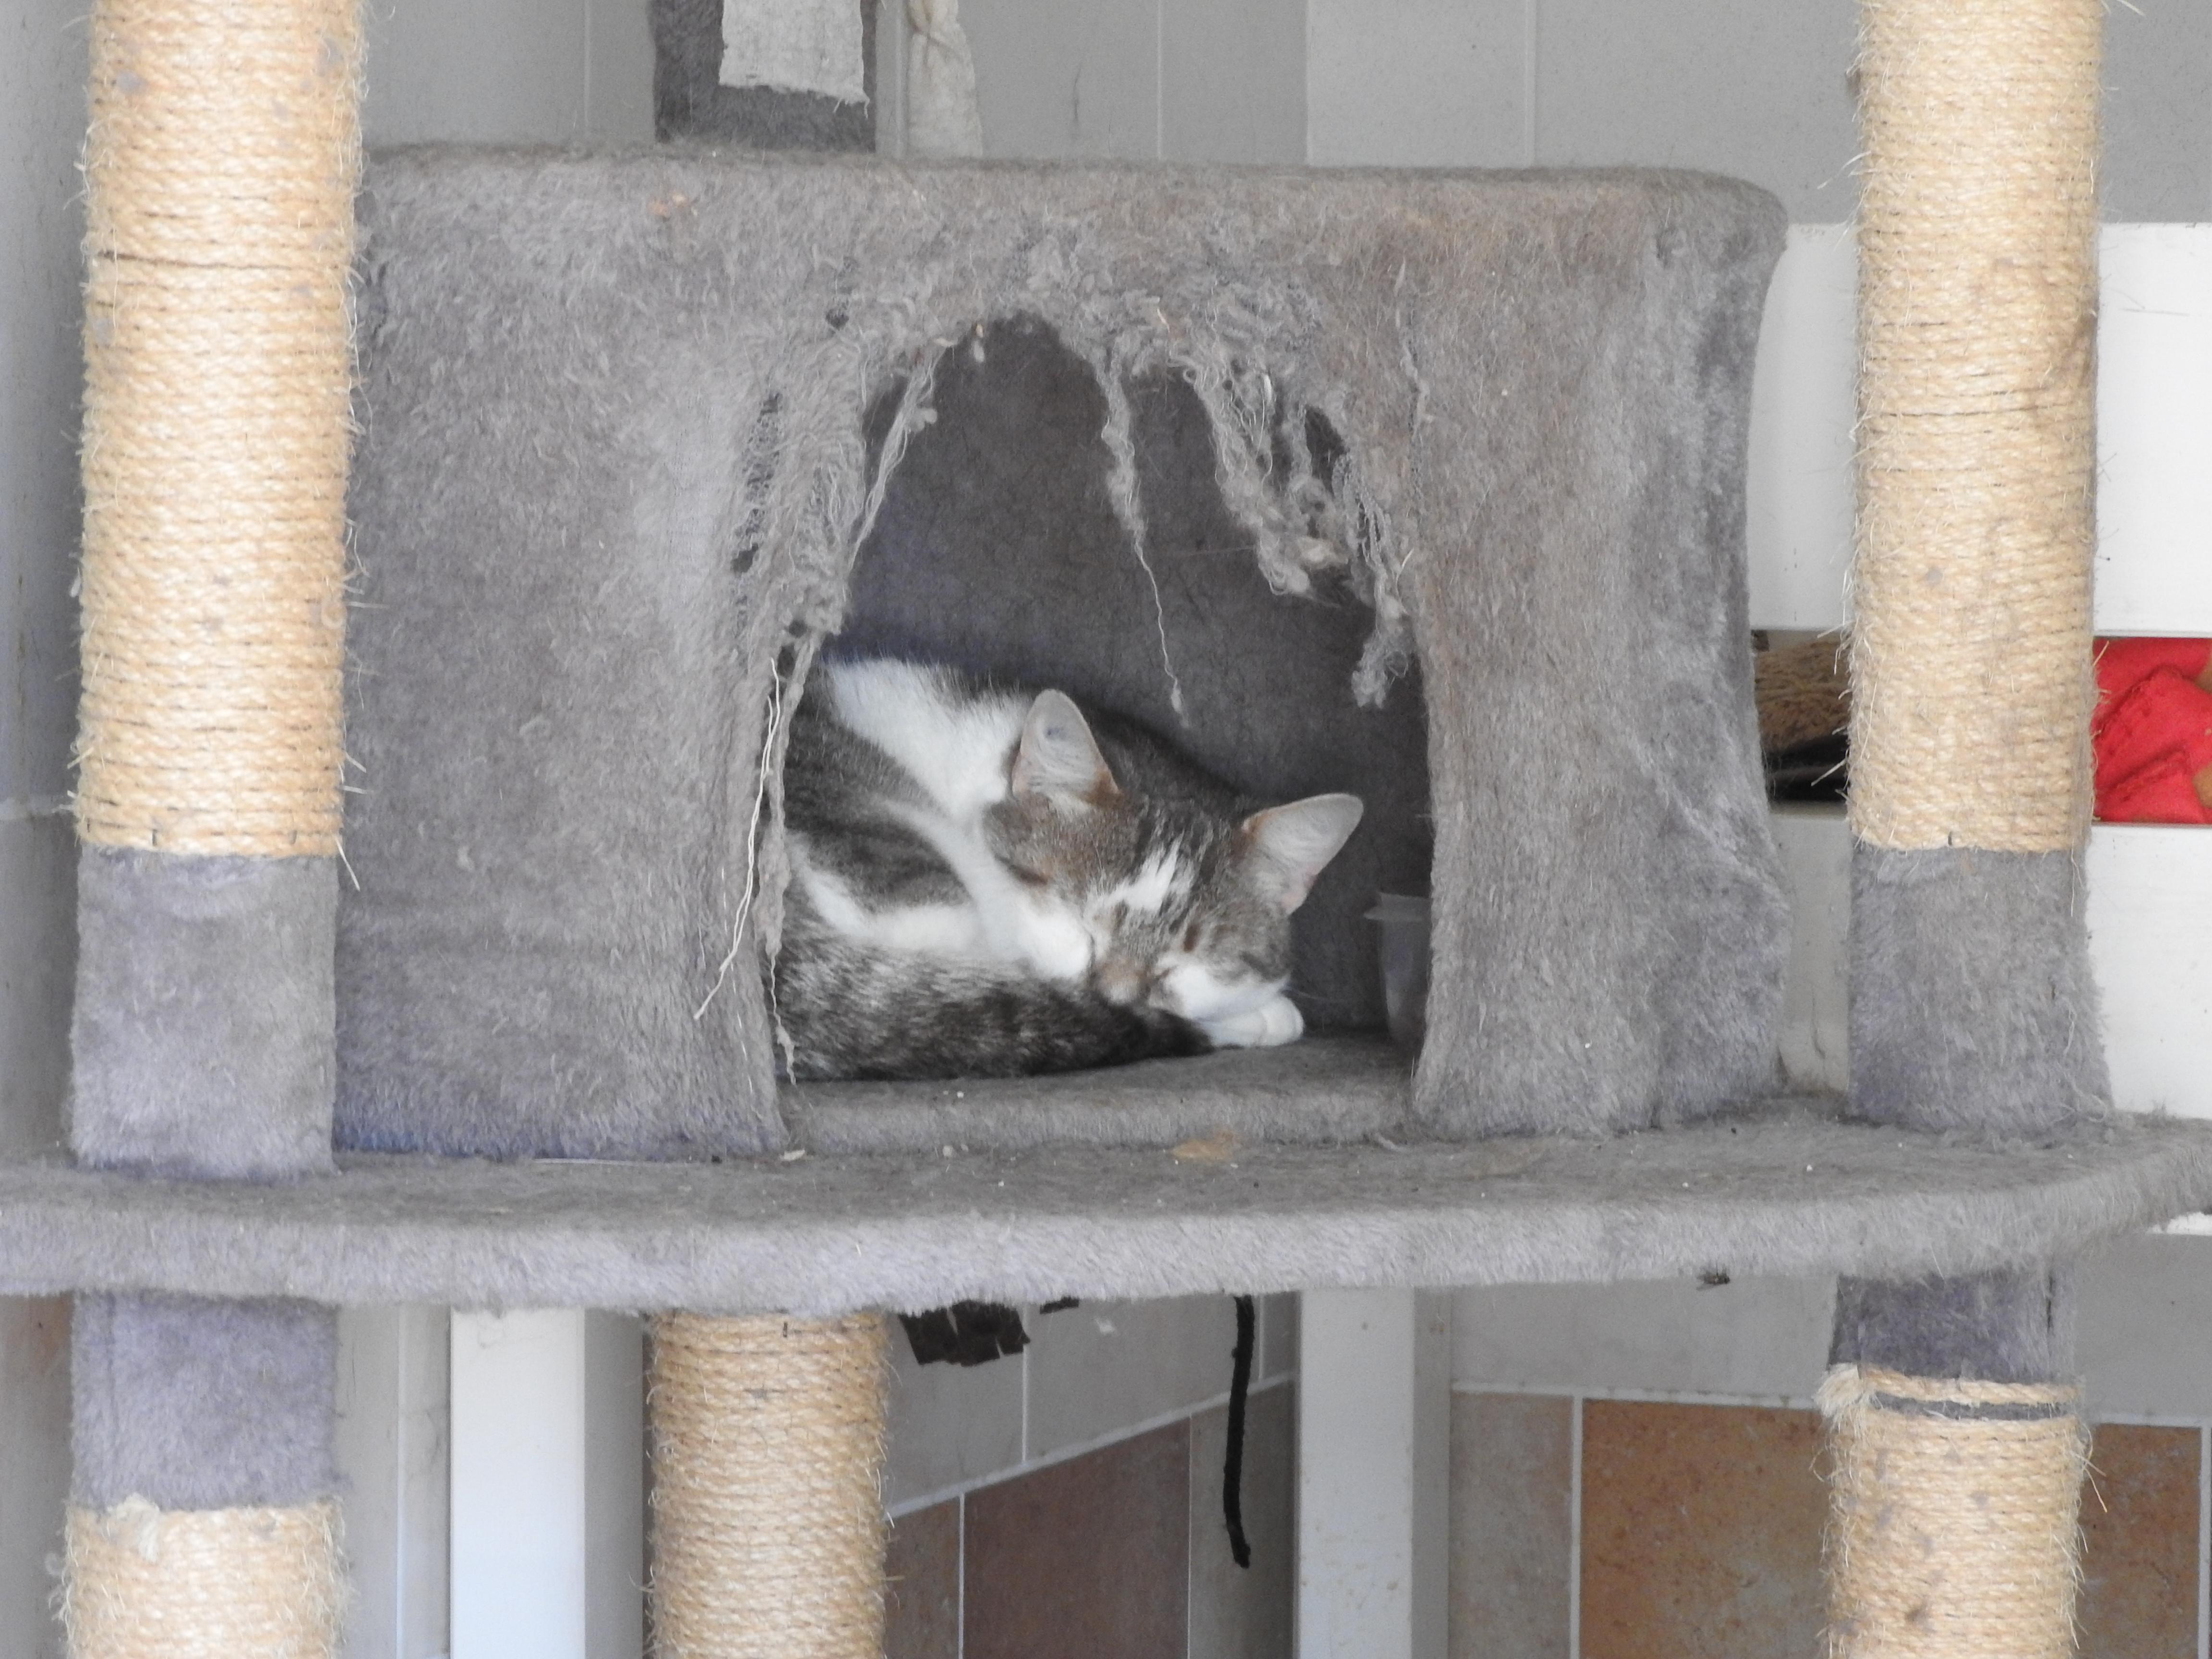 vive le chat association chats a l adoption pour donner aux chats la chance de vivre. Black Bedroom Furniture Sets. Home Design Ideas